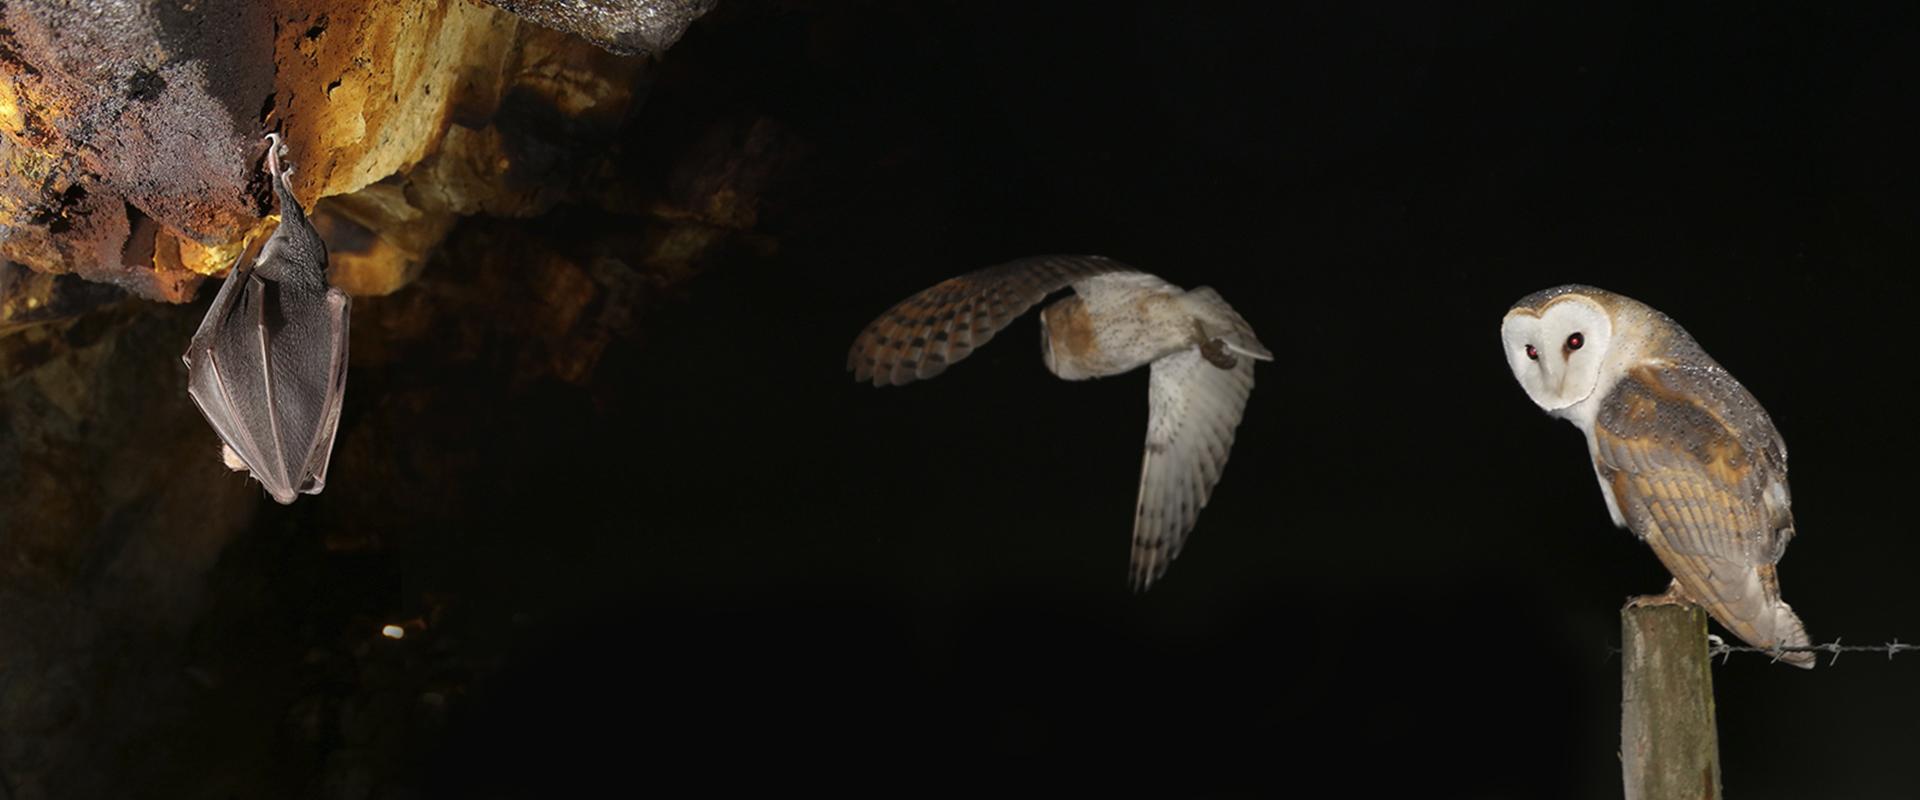 Observação de Aves Noturnas e Morcegos